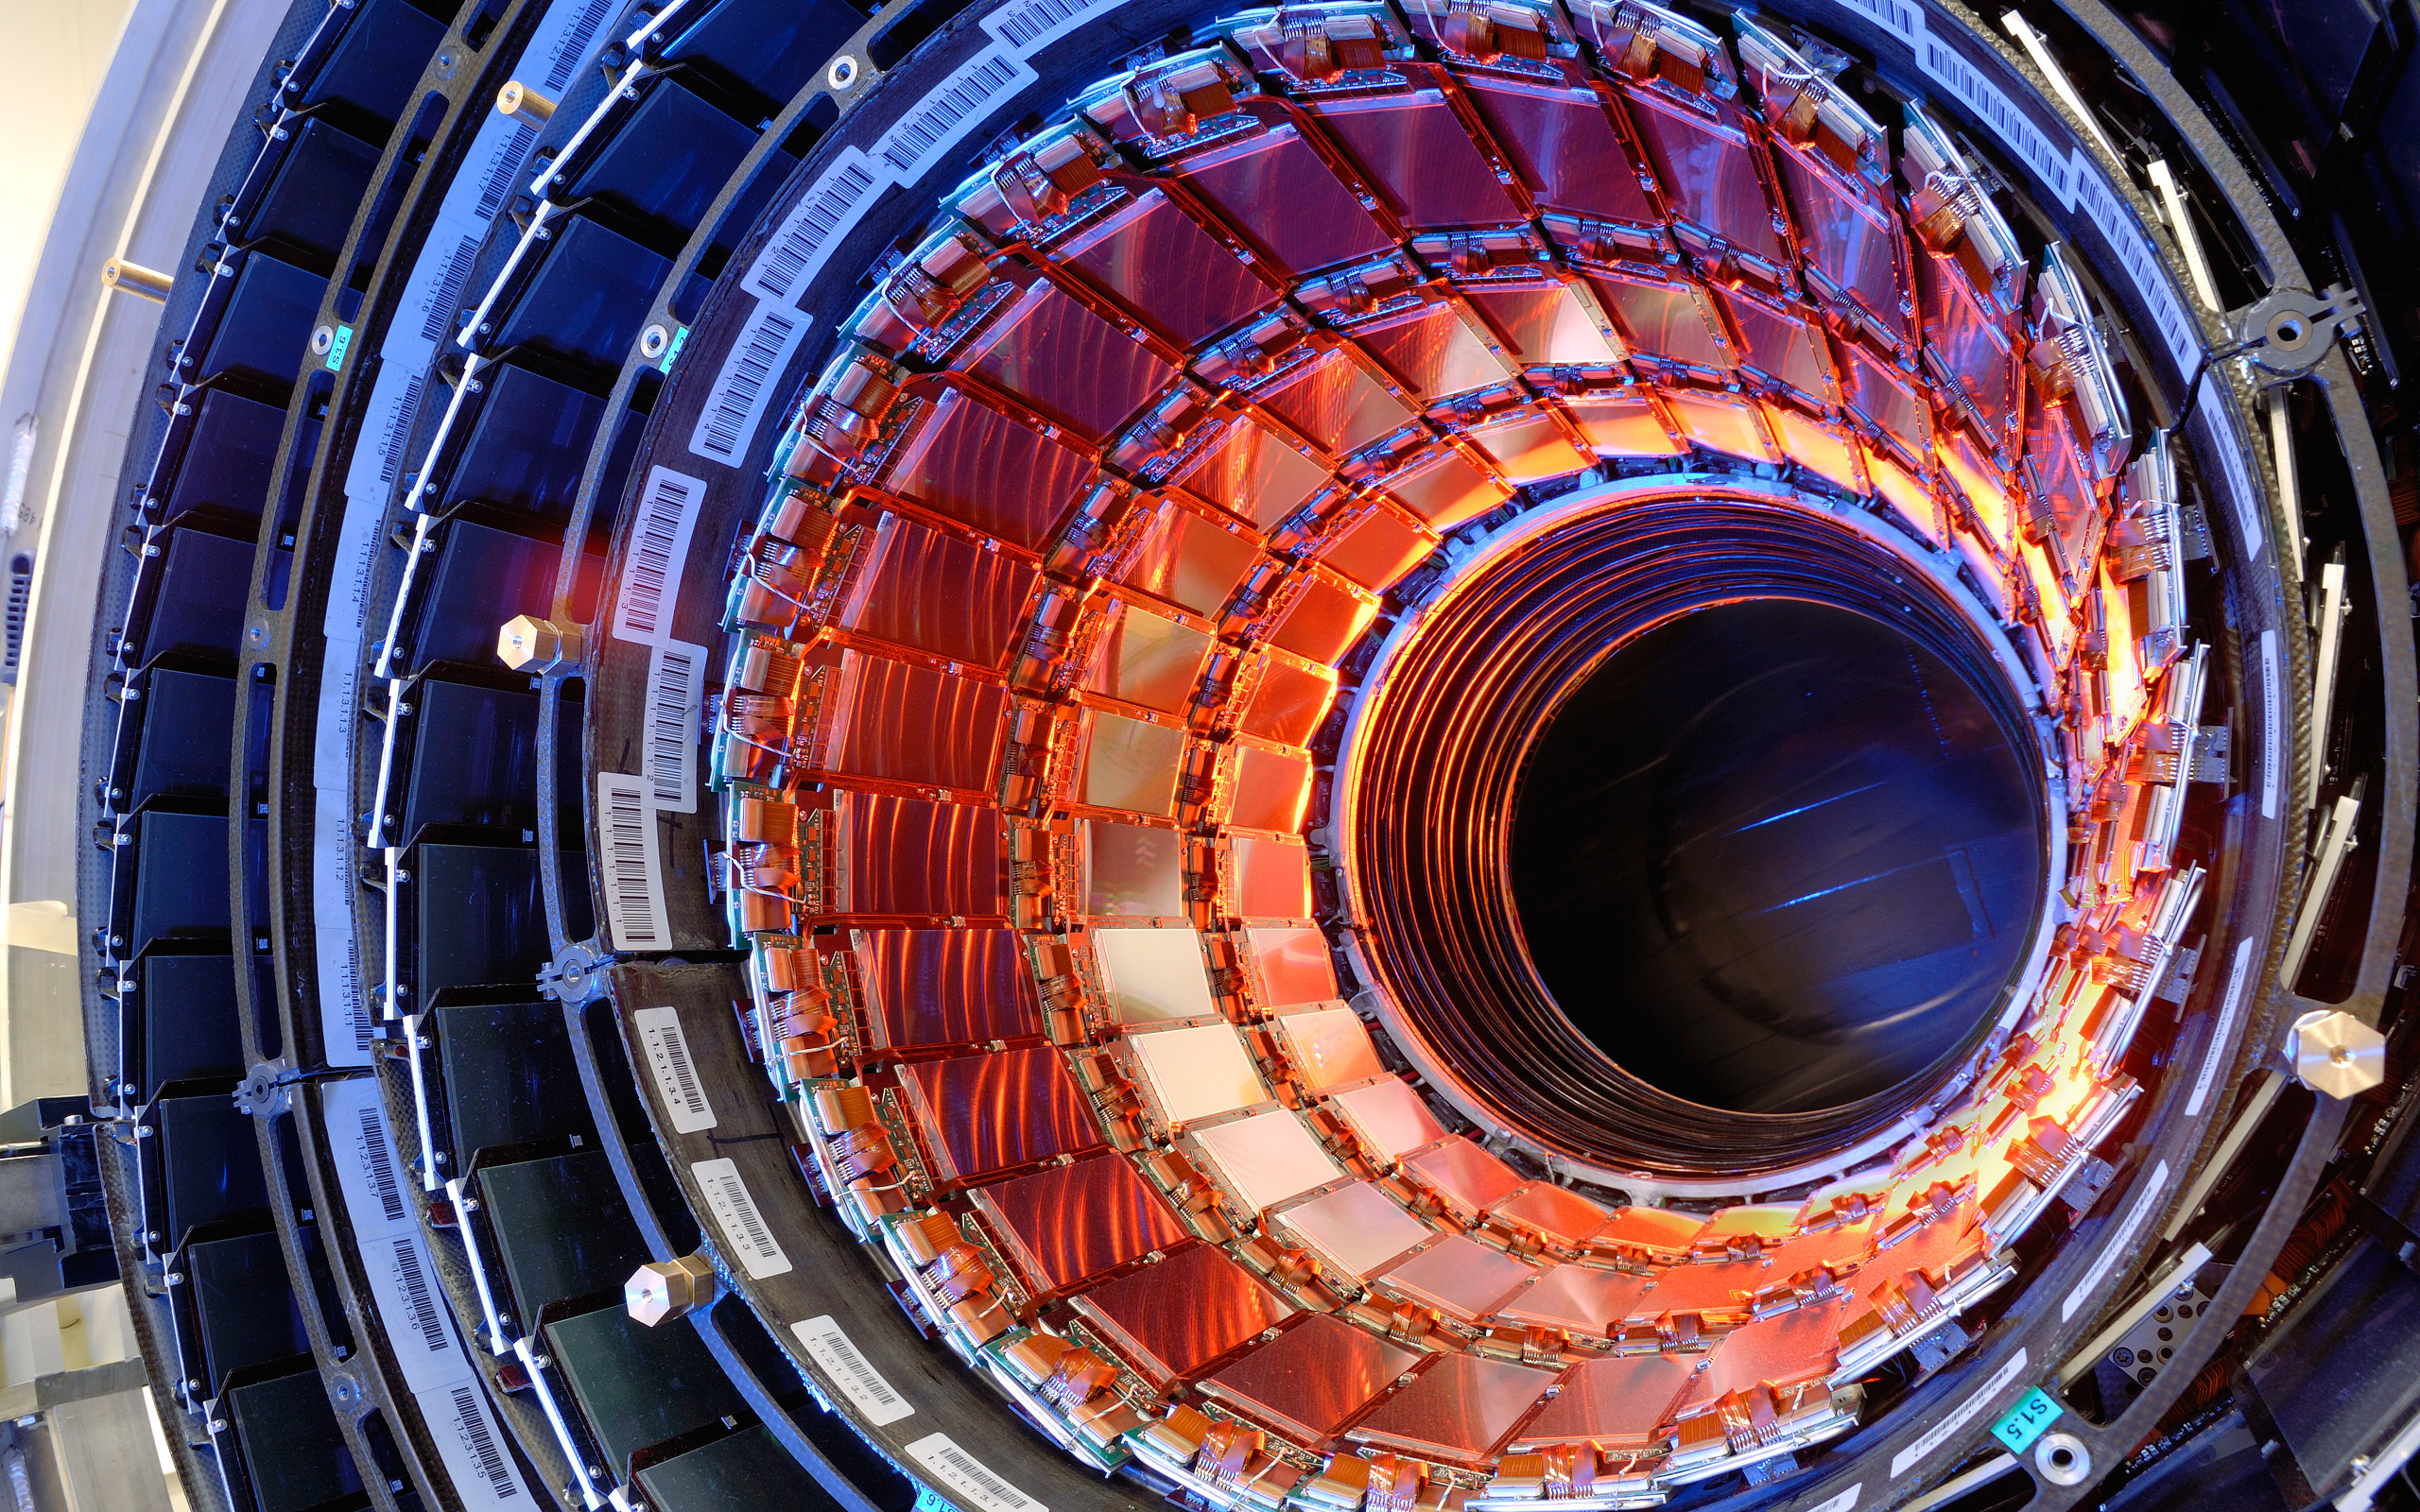 Обои и картинки 2560x1600 2657KB Наука и техника